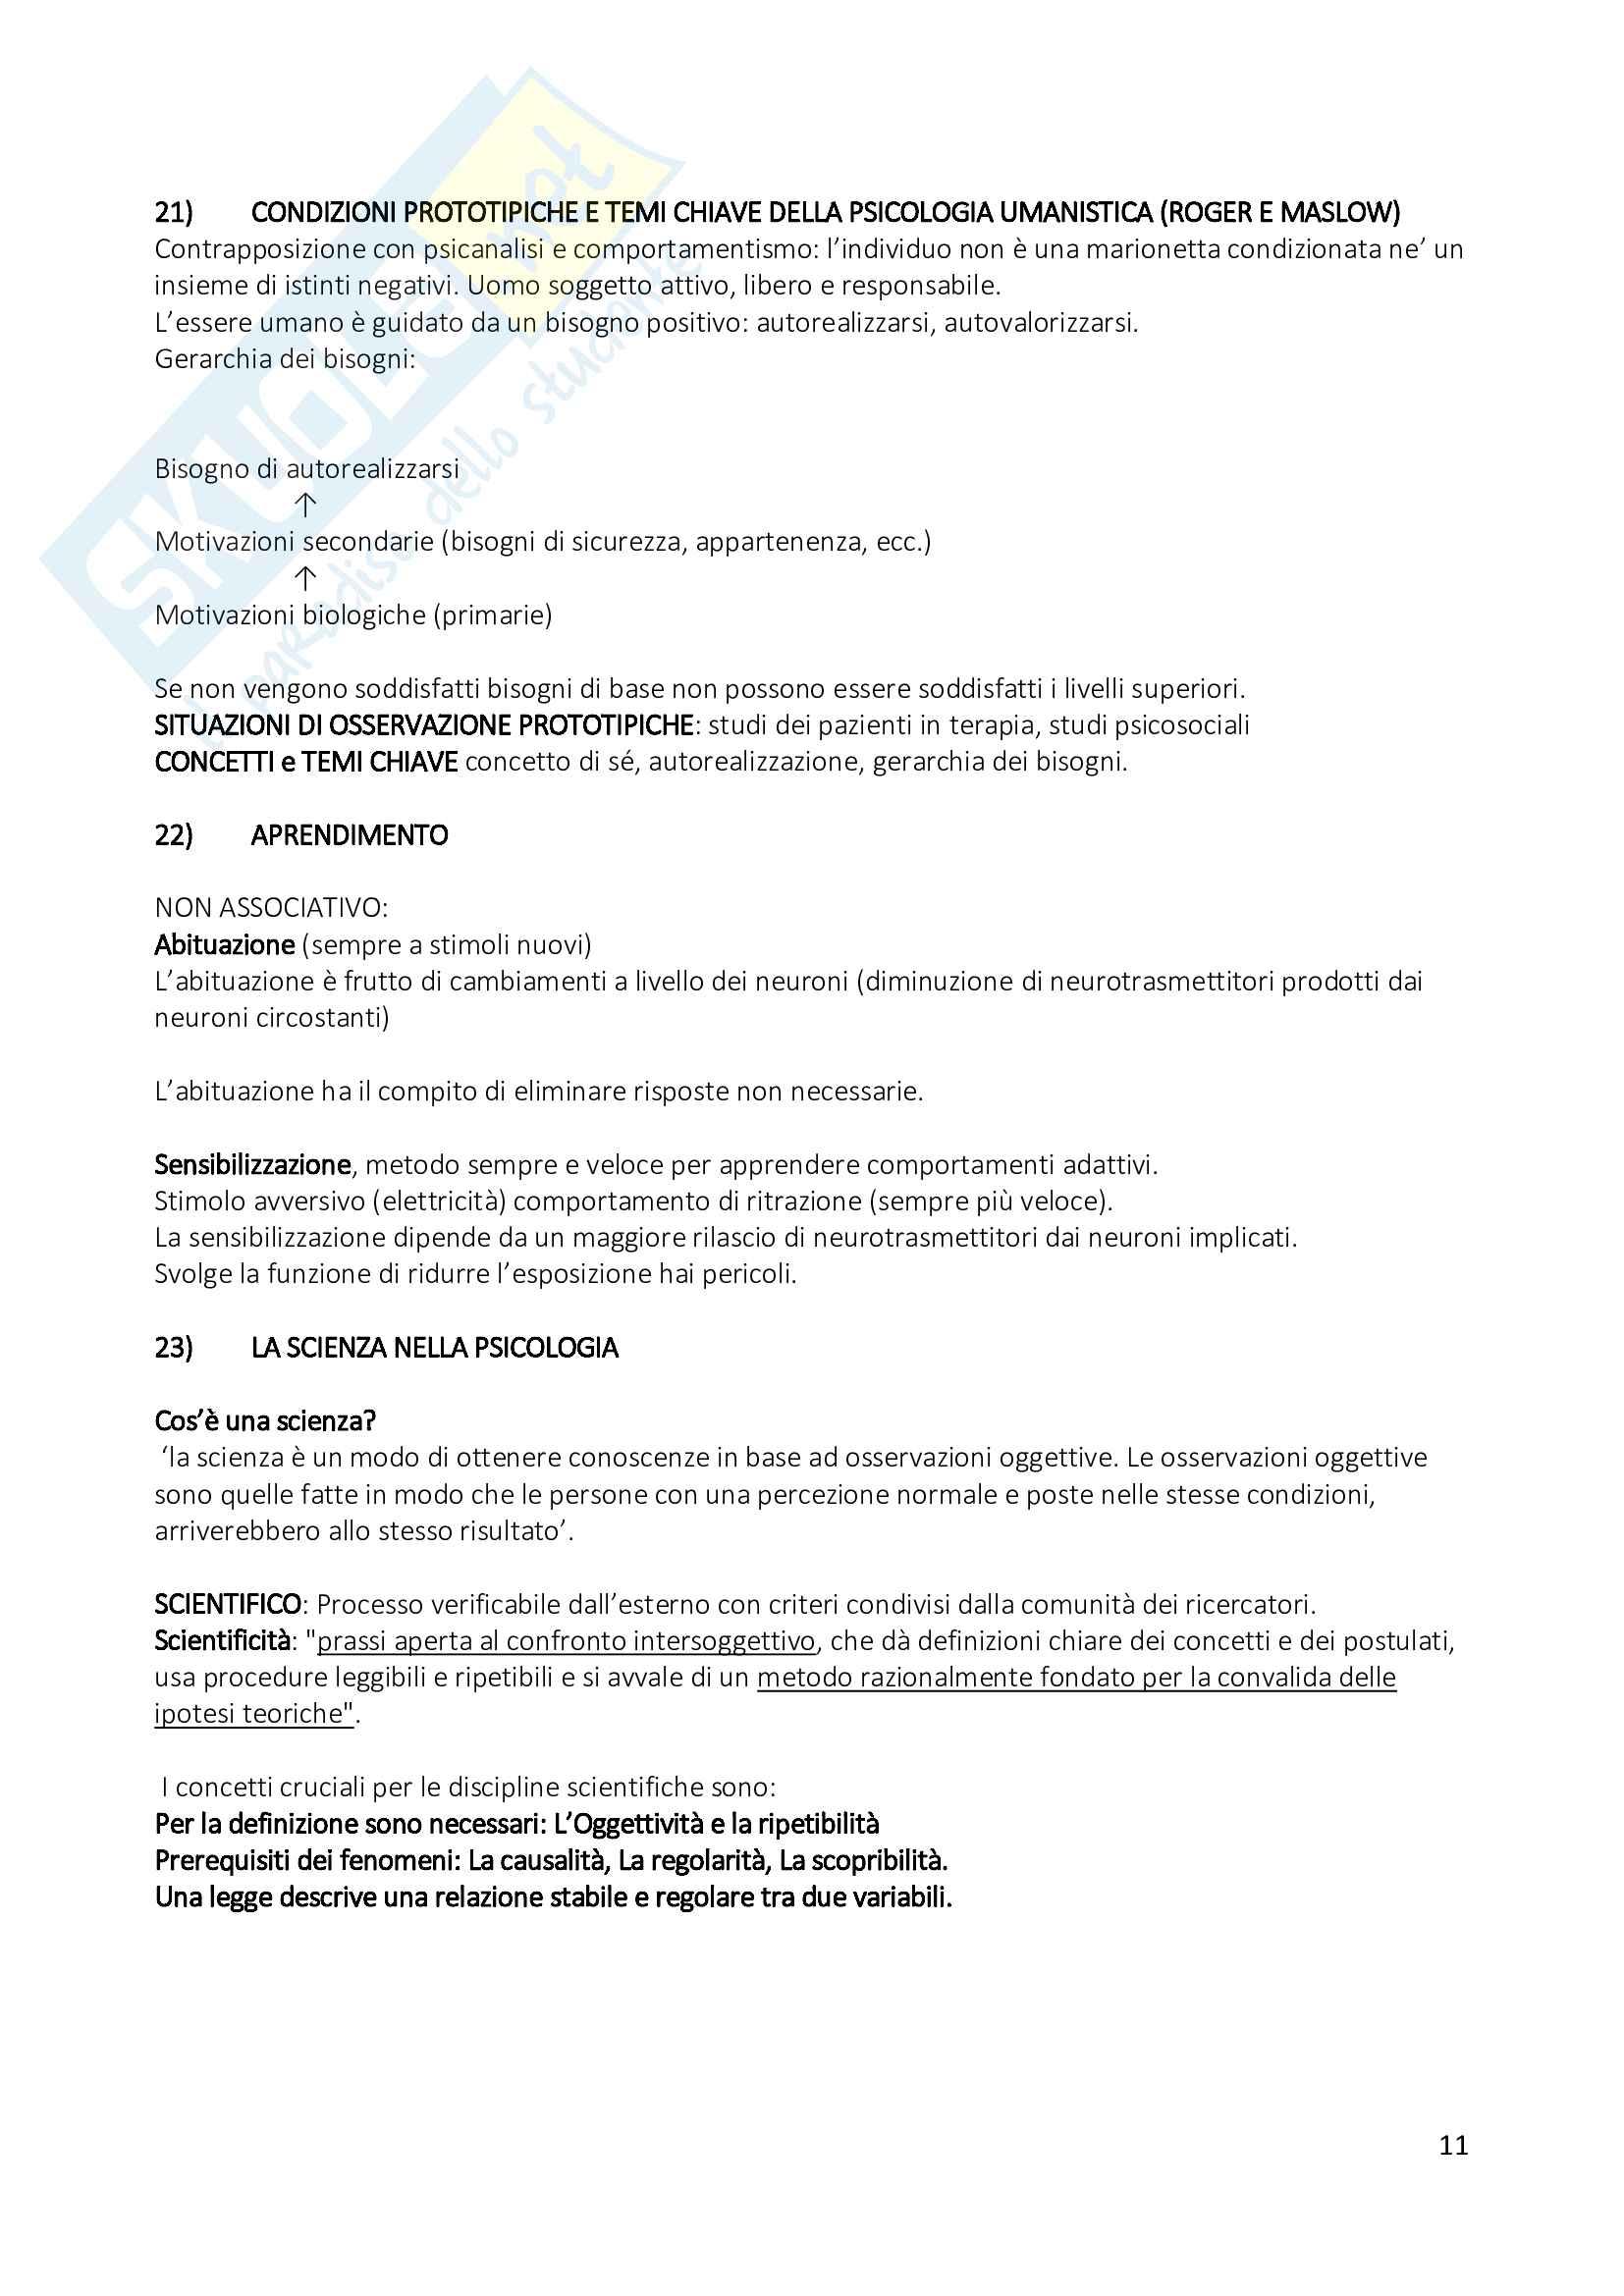 Psicologia Generale - Risposte alle possibili domande esame - Tagliabue - Campana Pag. 11